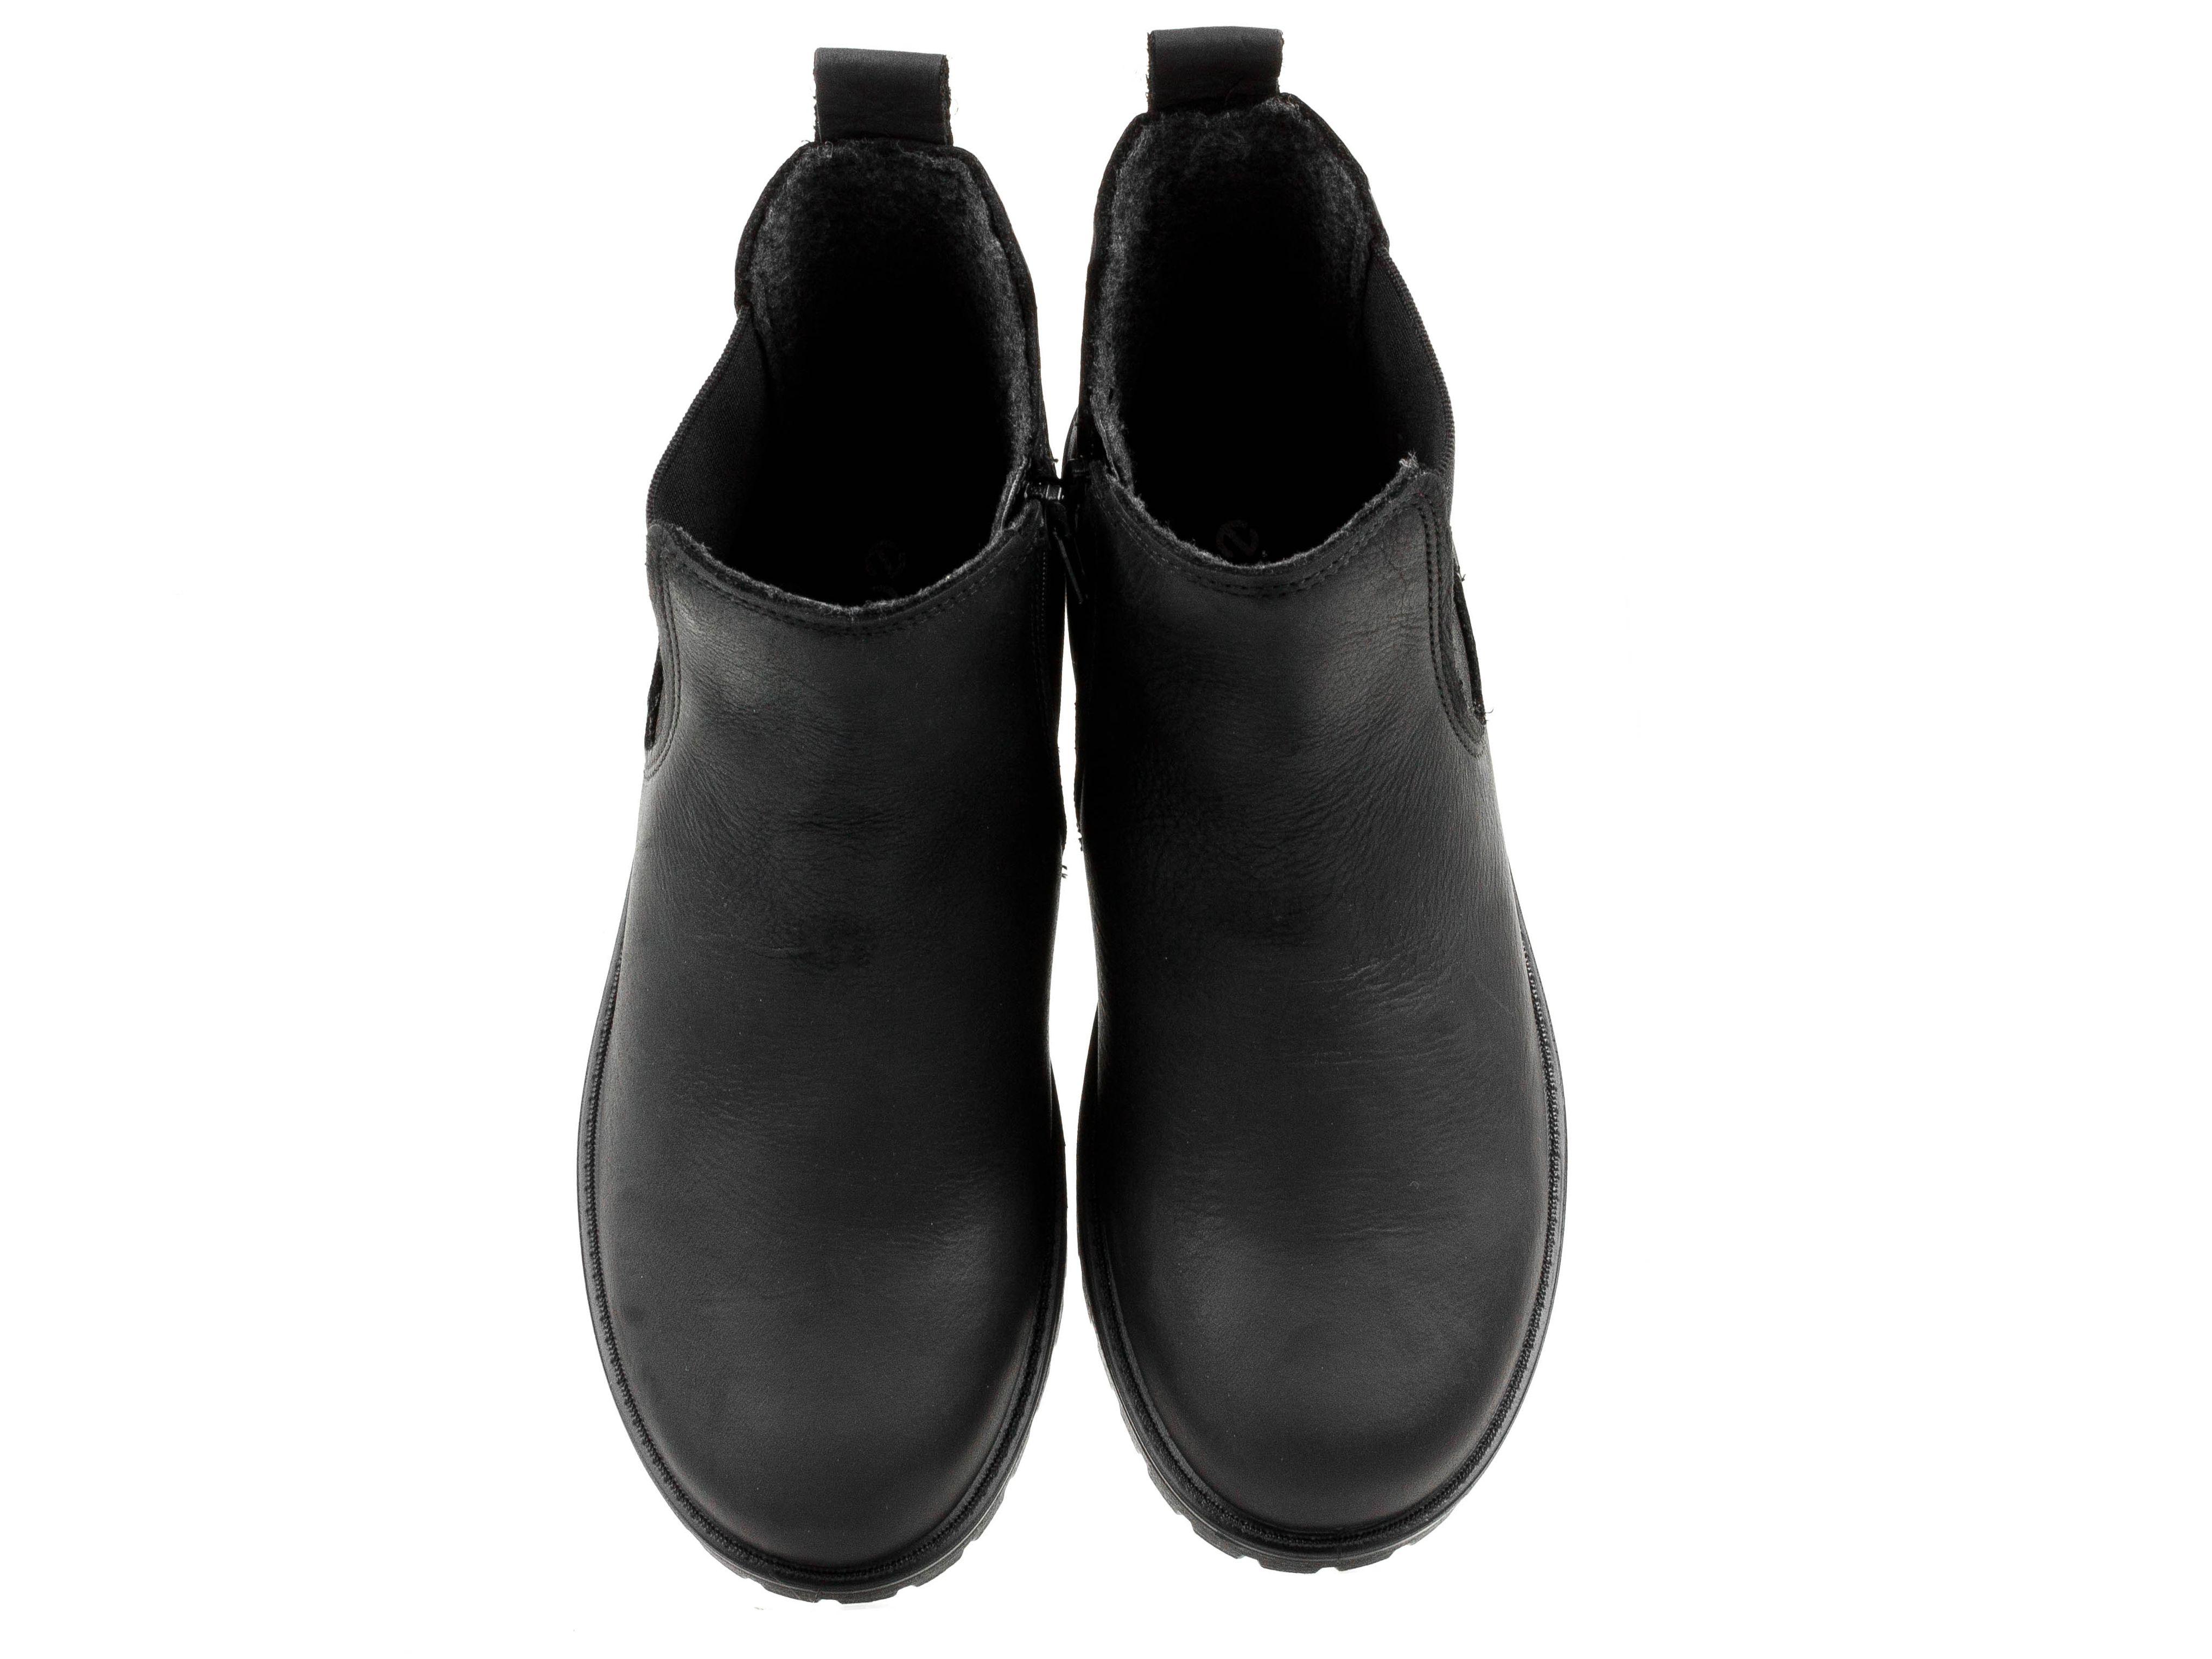 Ботинки для детей ECCO ELAINE KIDS ZK3081 купить, 2017